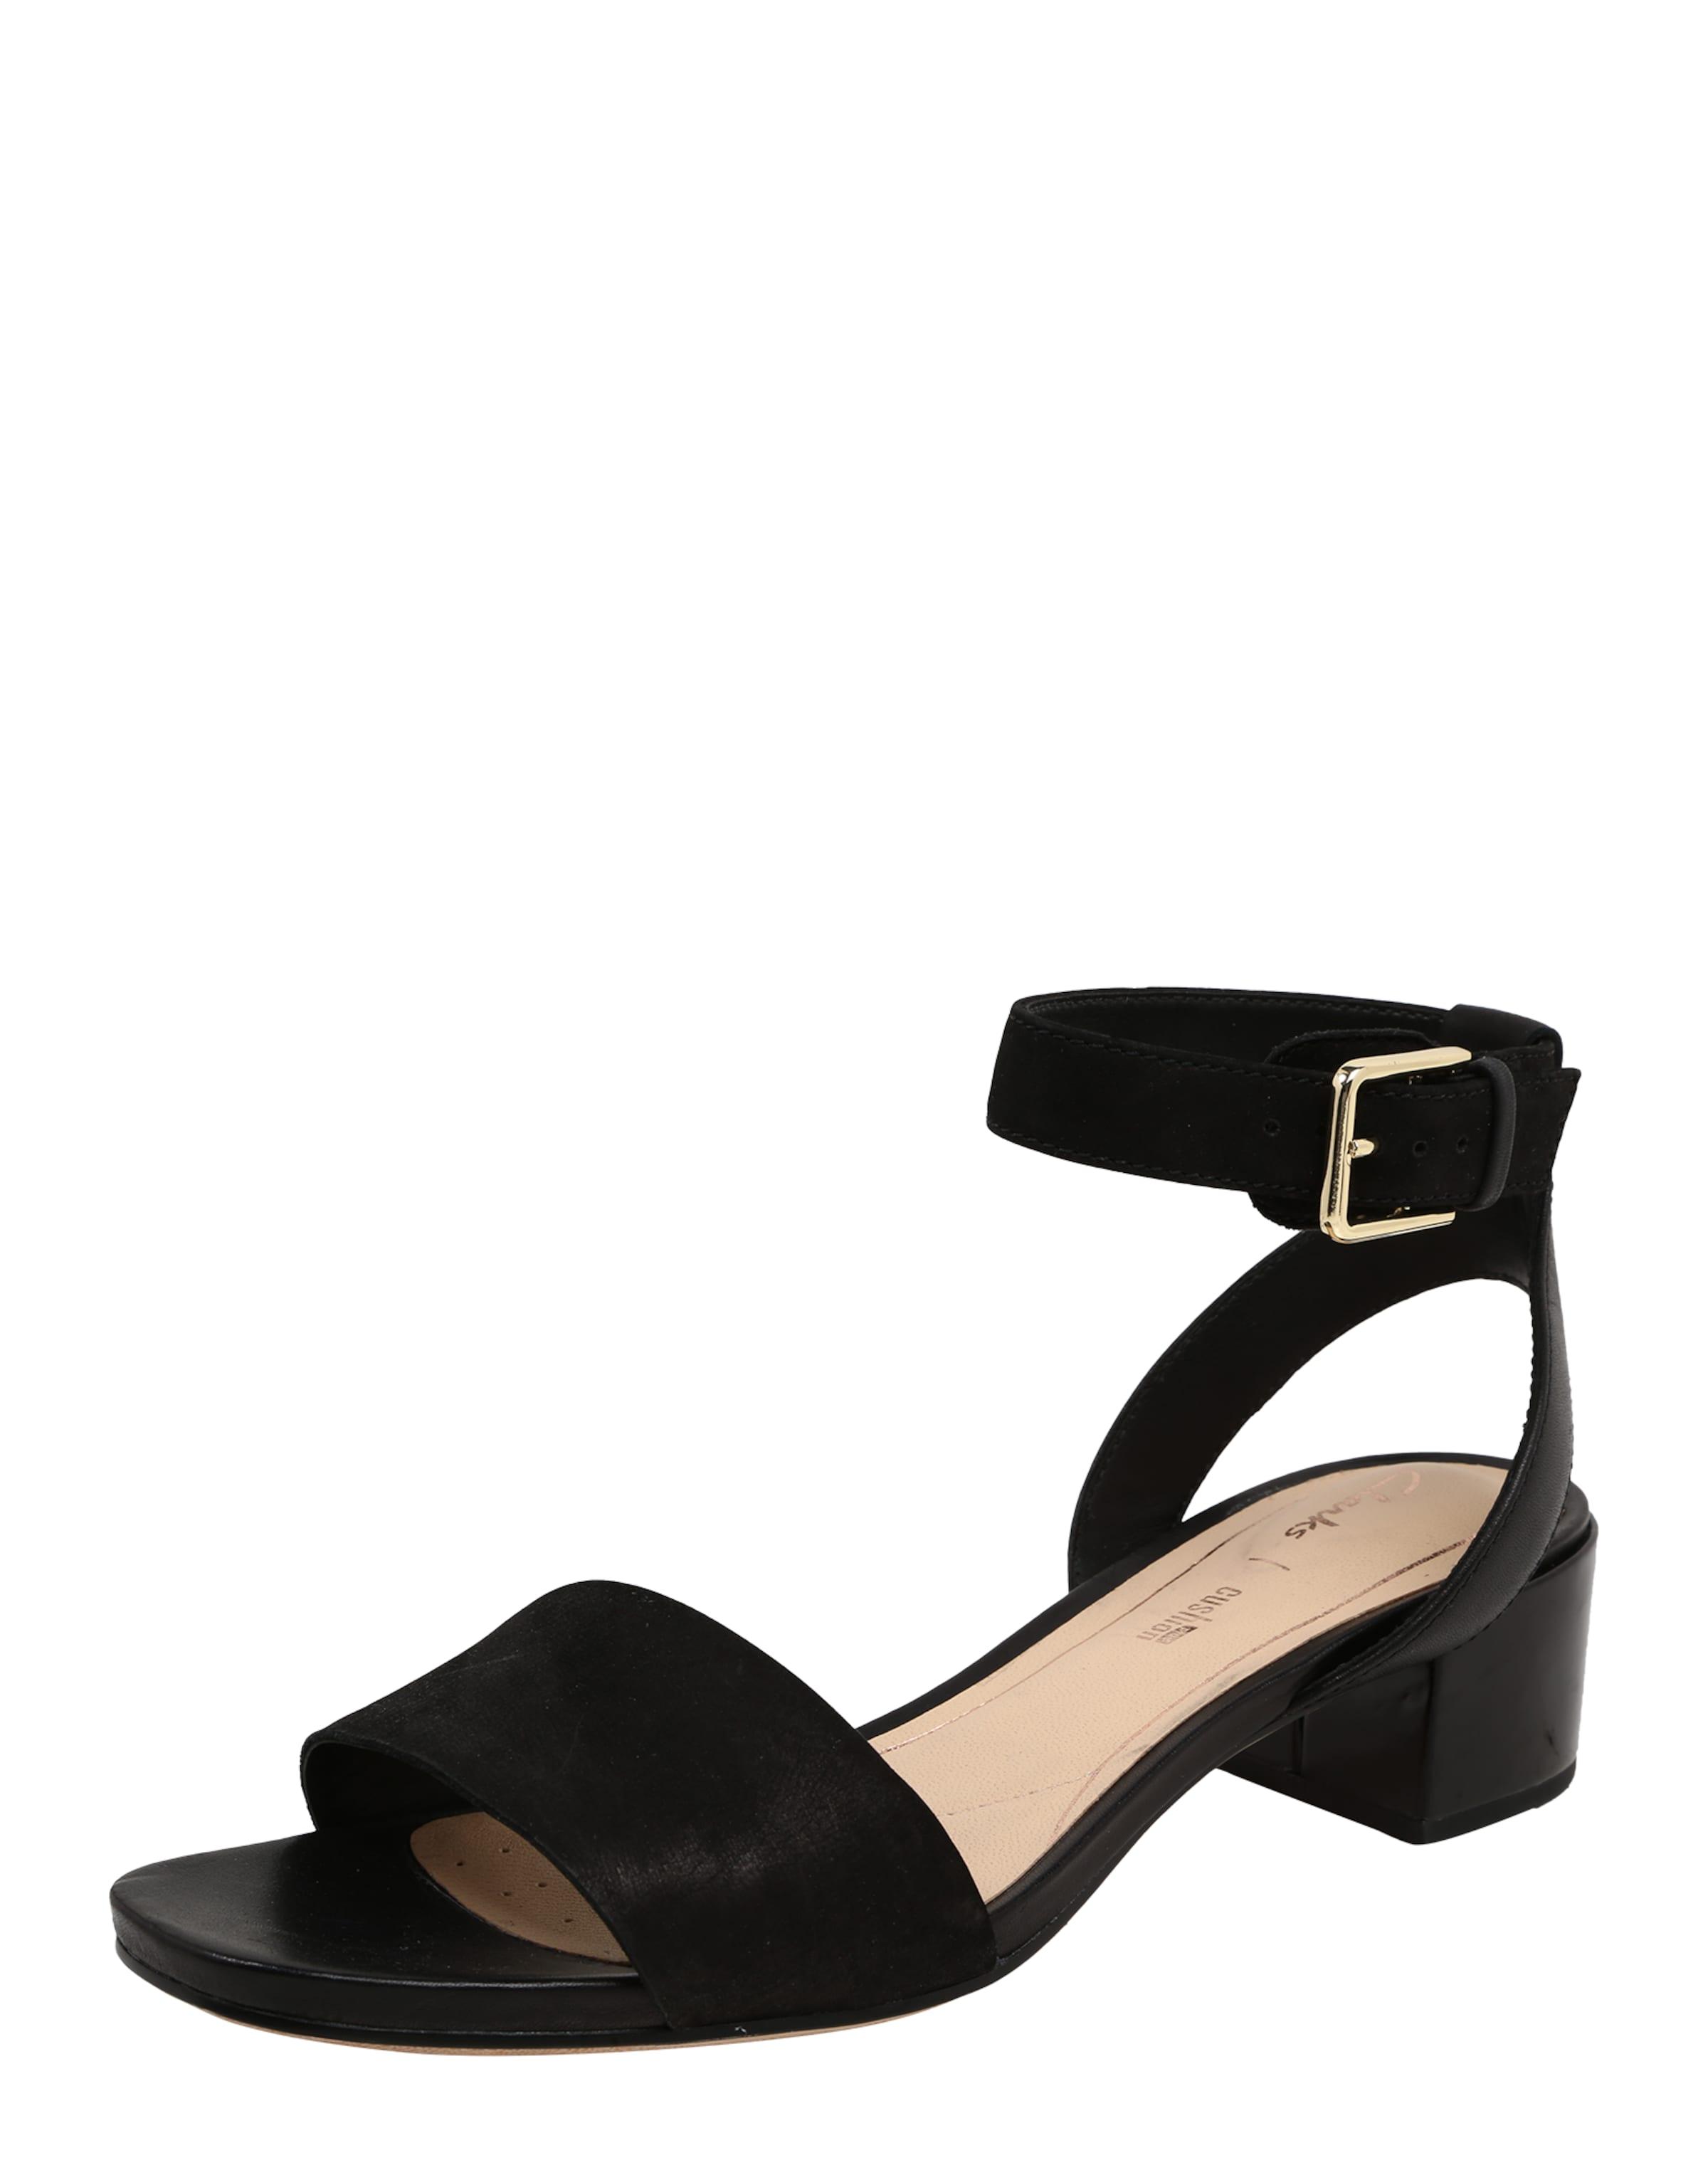 CLARKS Sandalen Orabella Verschleißfeste billige Schuhe